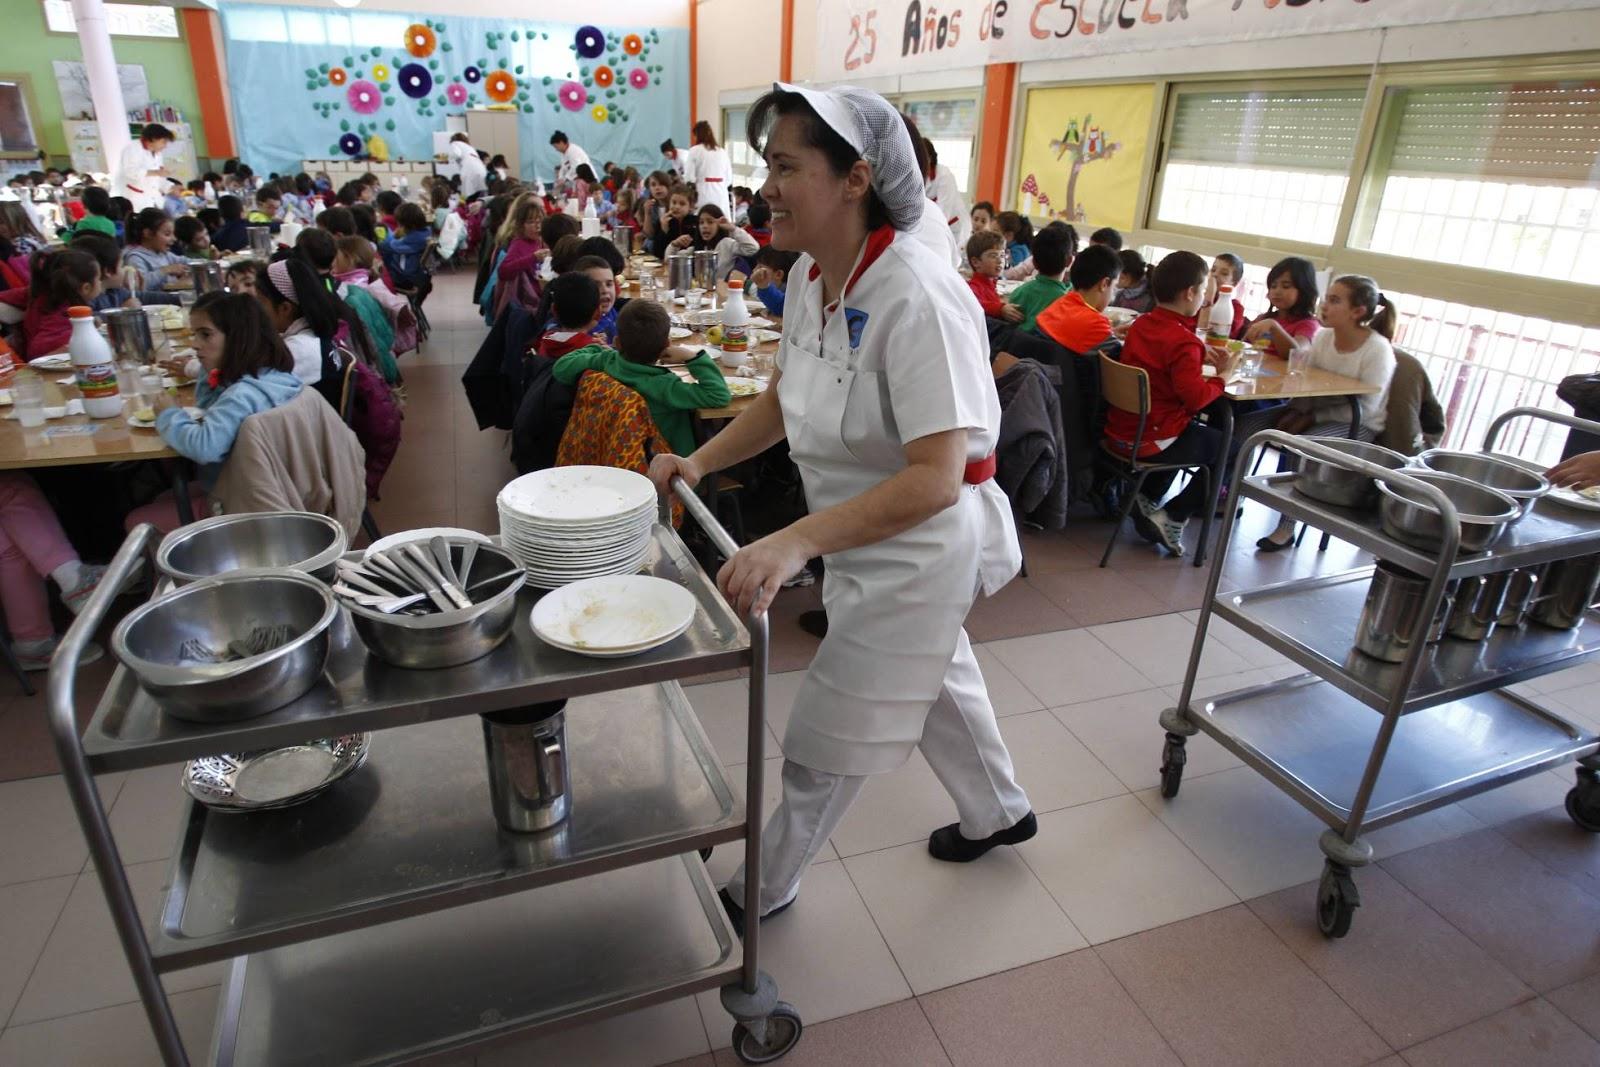 Las becas de comedor llegan a alumnos pero a n son menos que antes de la crisis san - Becas comedor 2017 ...